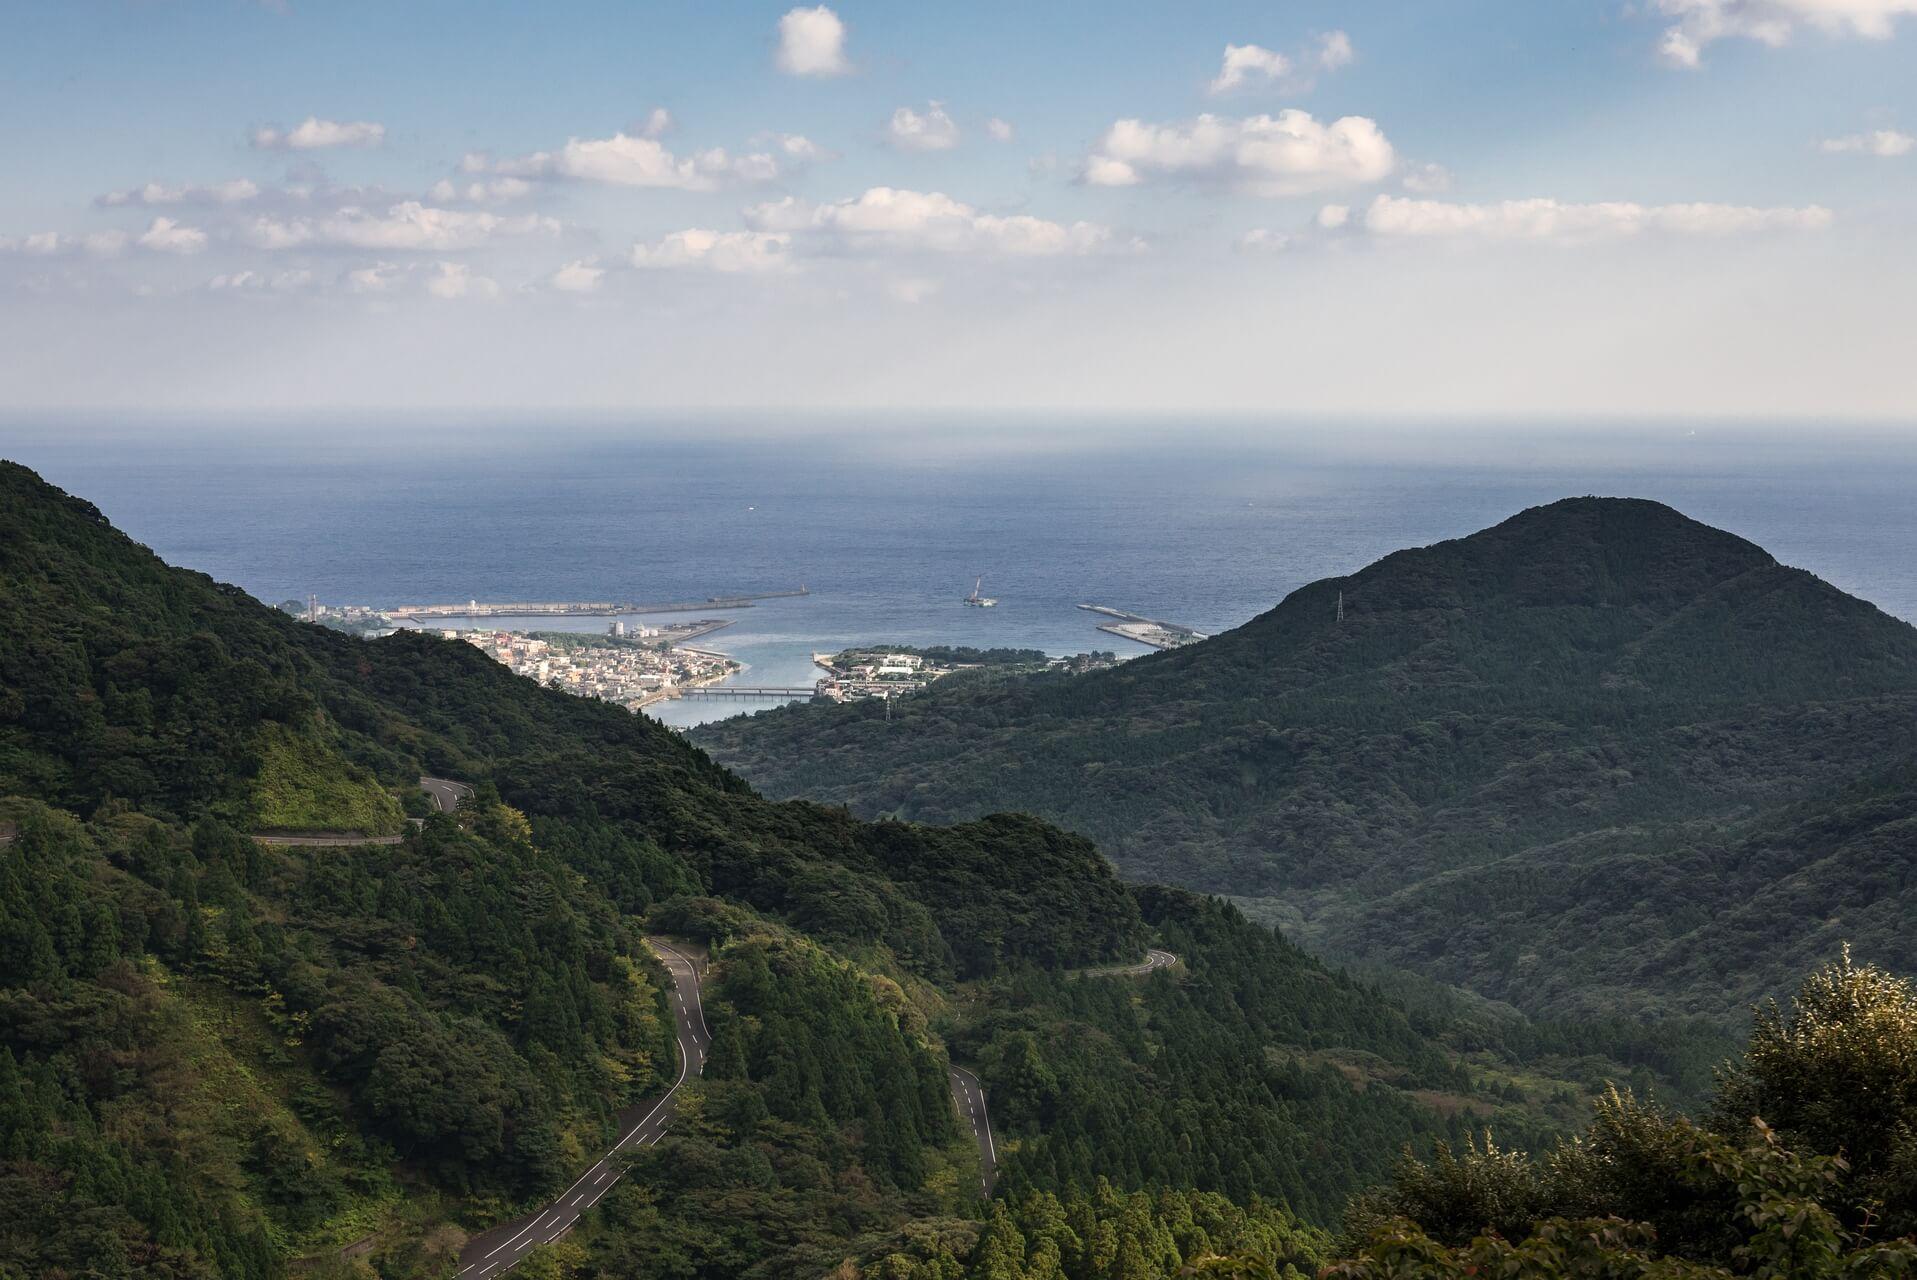 Japan: Yakushima Island Miyanoura, Fotograf: Steffen Lohse